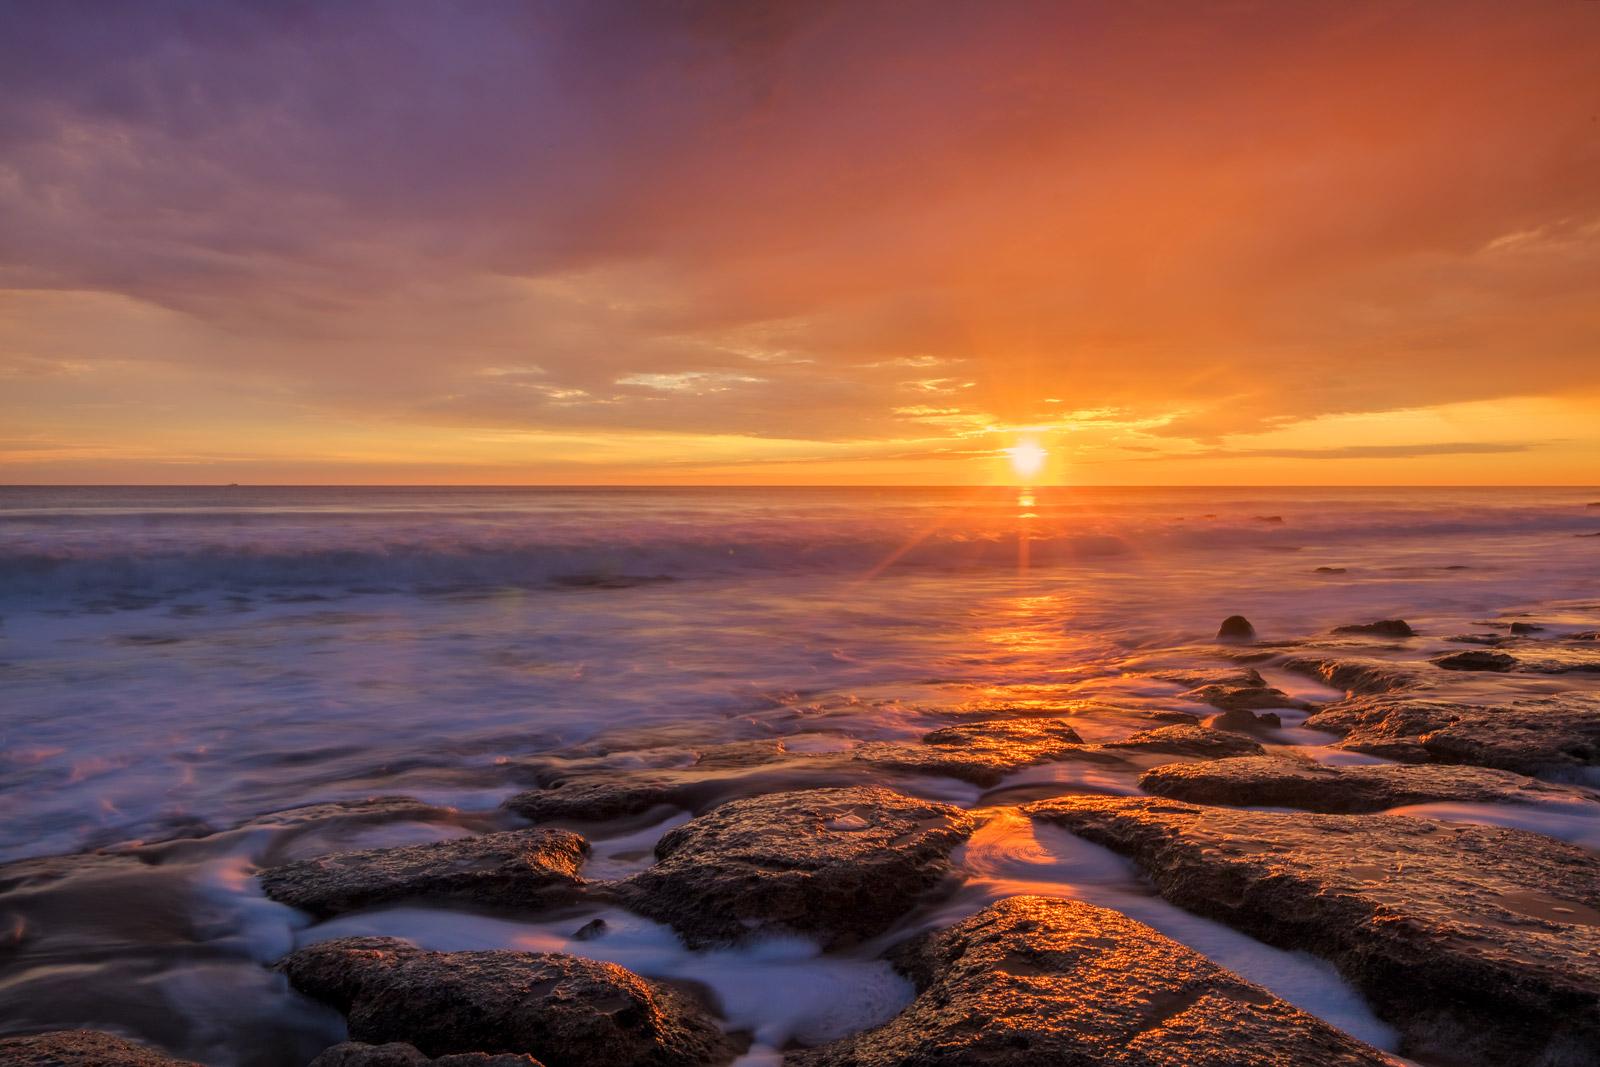 Florida, Washington Oaks, sunrise, coquina, coast, Atlantic Coast, photo